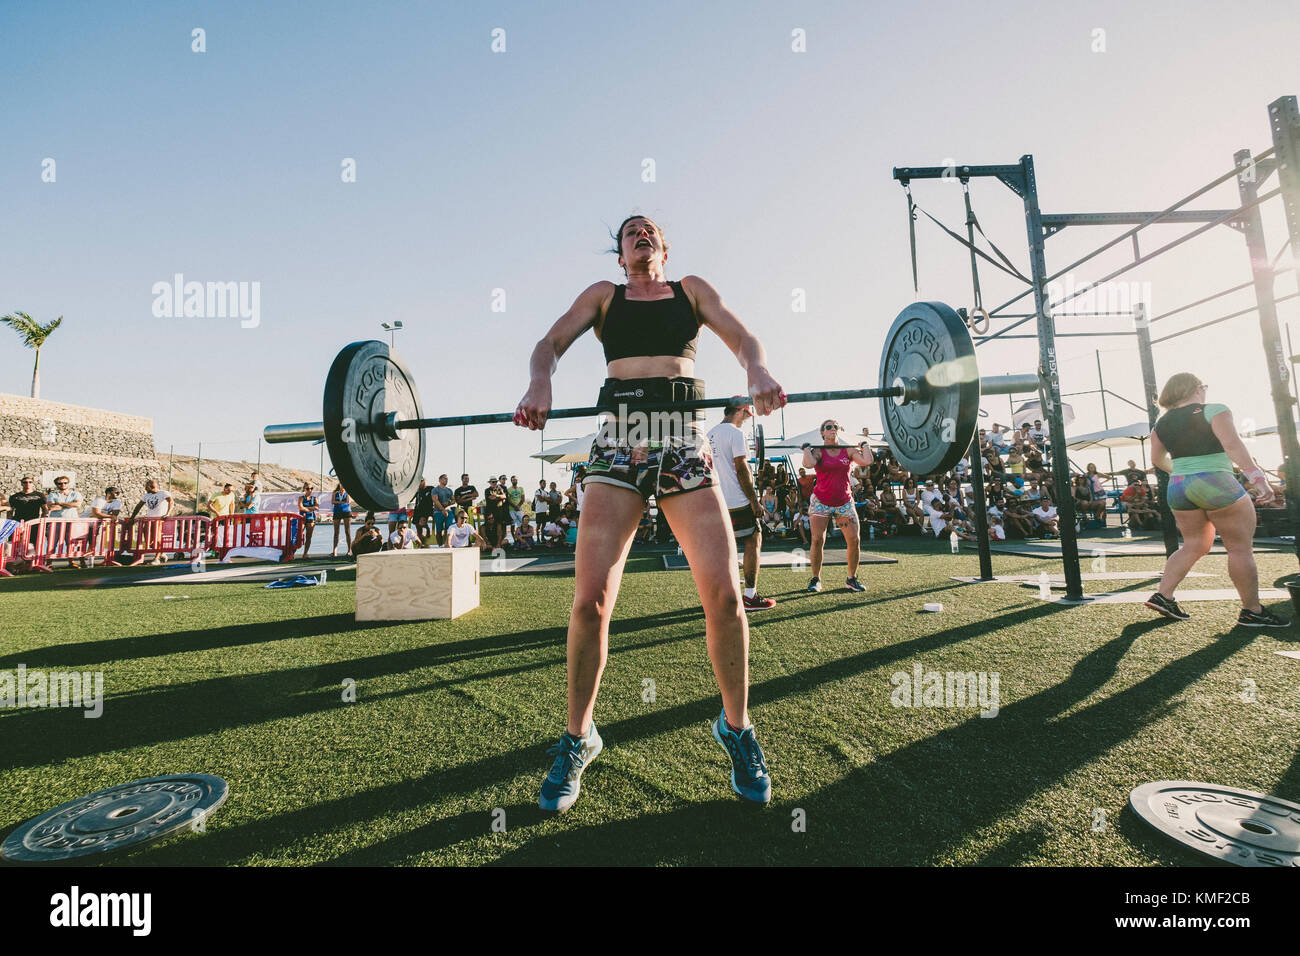 Vorderansicht des weiblichen Athleten anhebende Gewichte während der Konkurrenz, Teneriffa, Kanarische Inseln, Stockbild